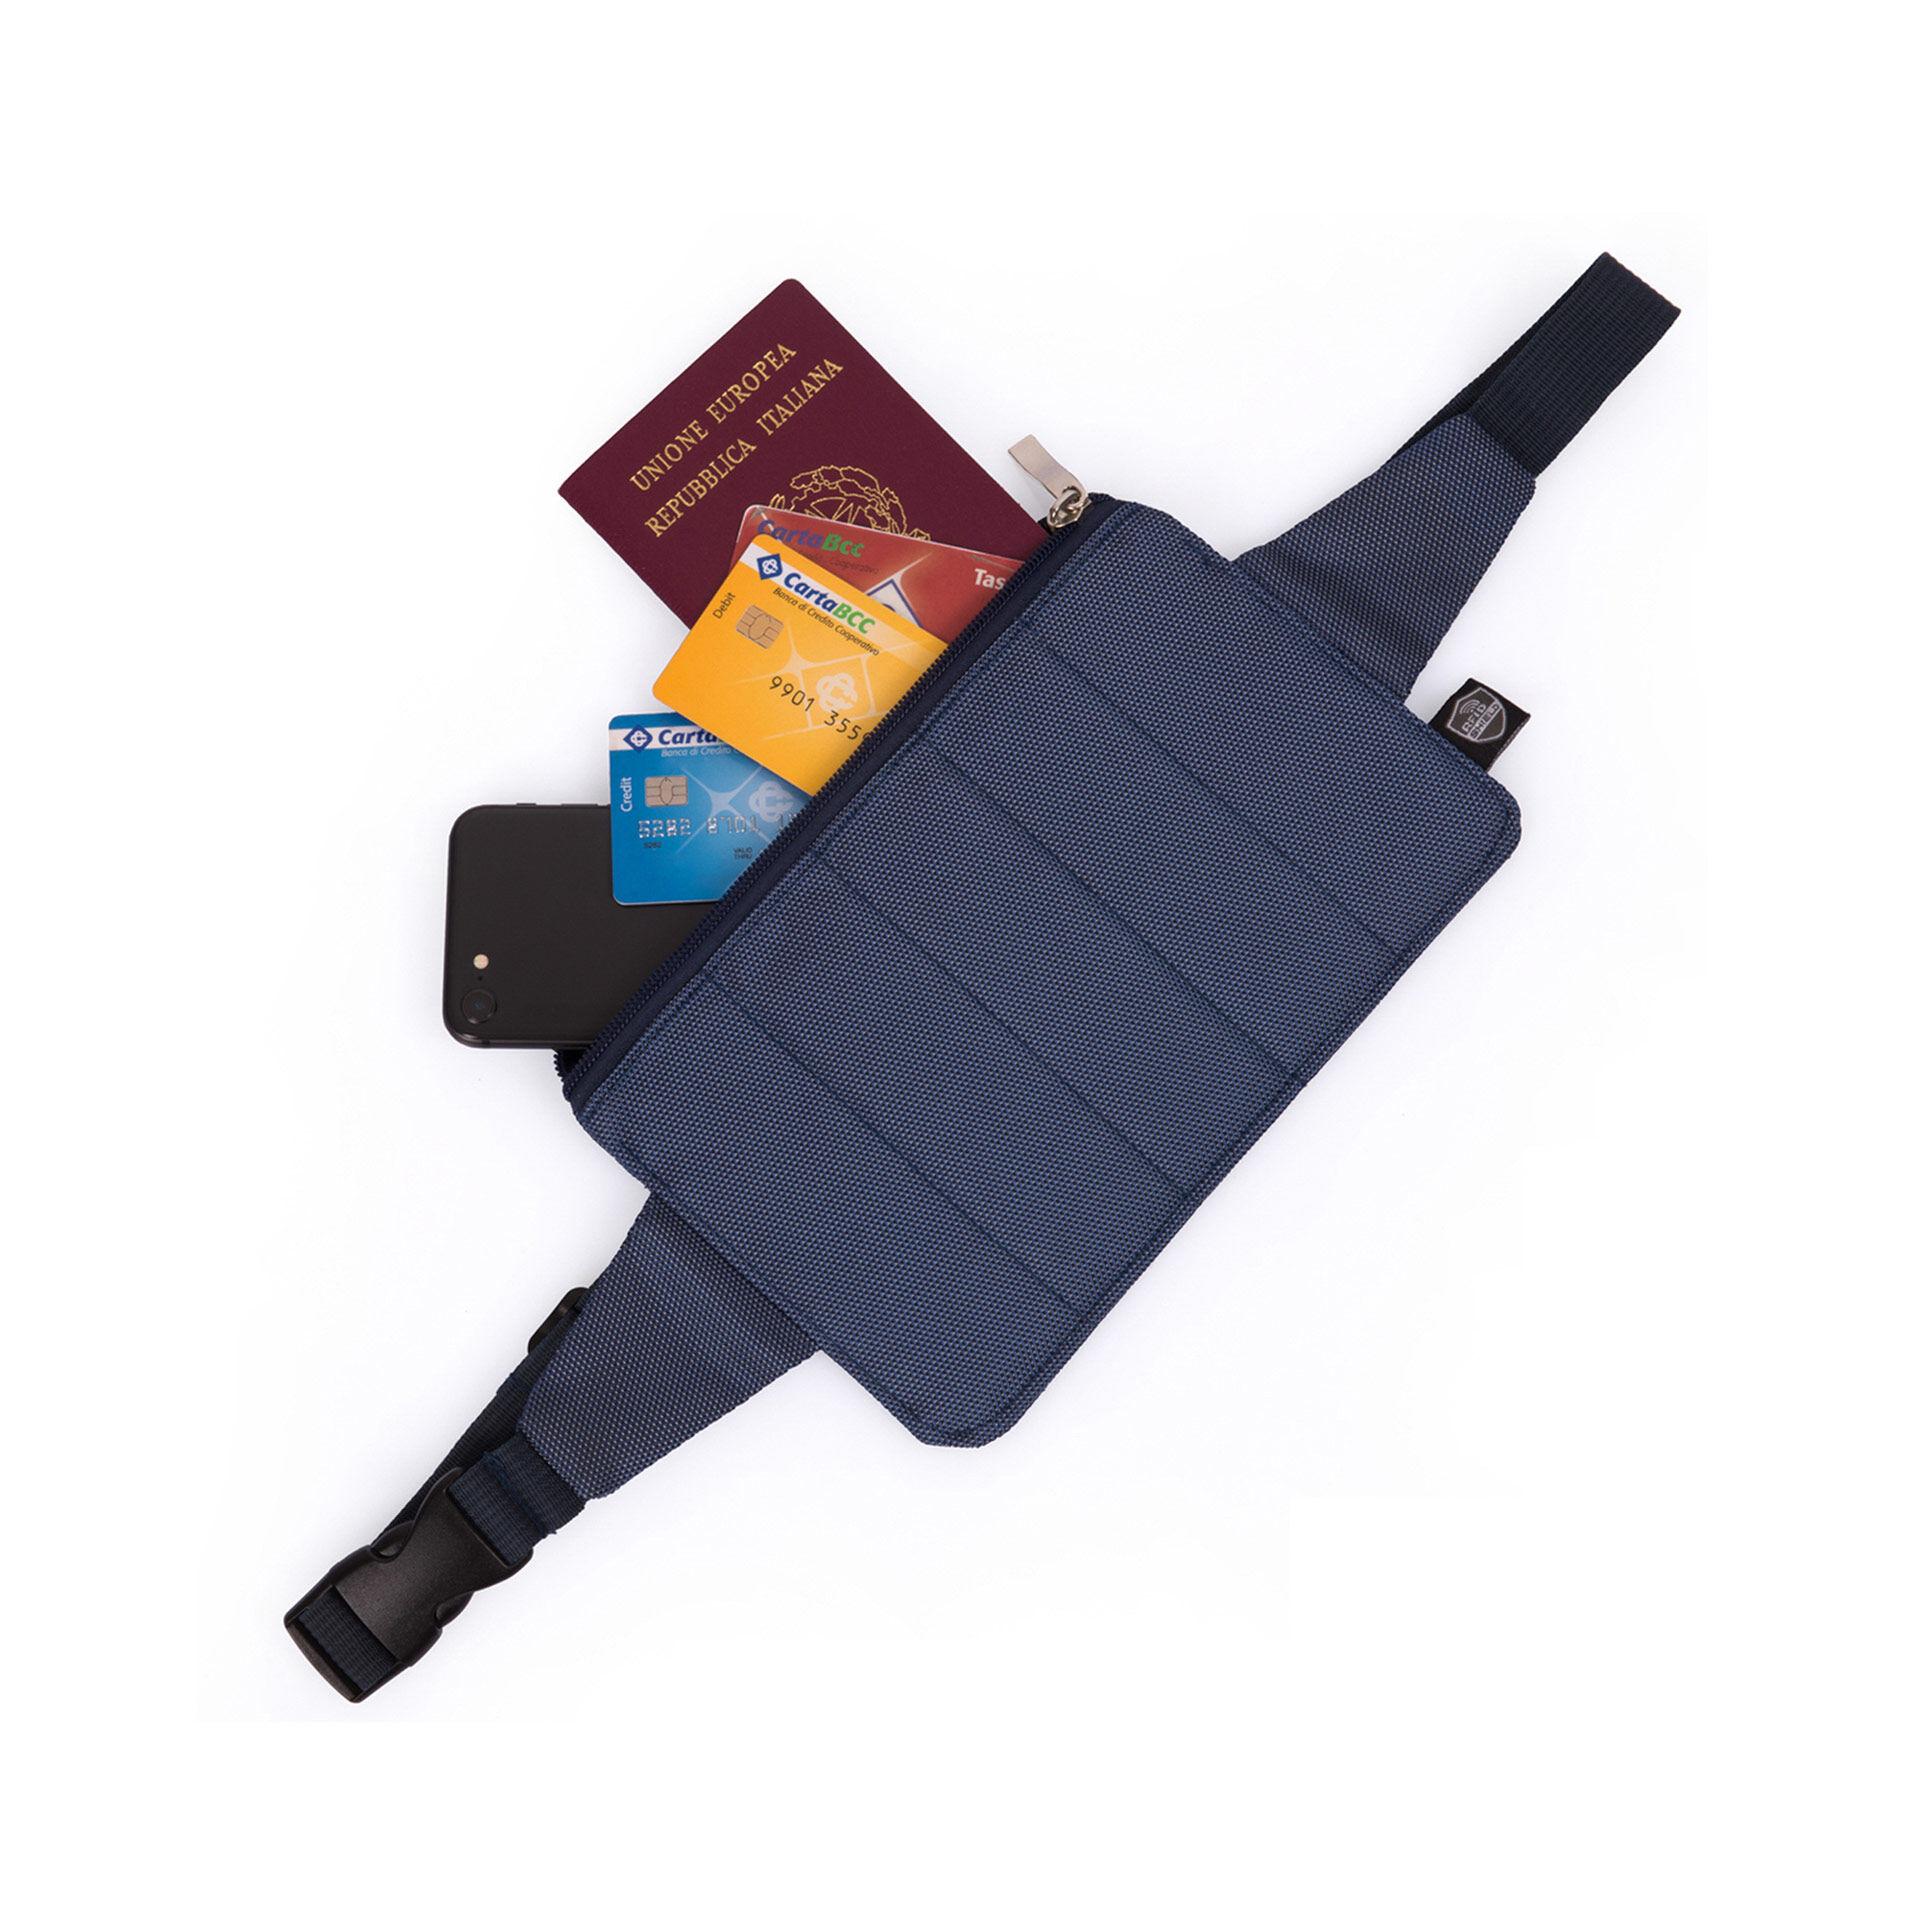 Banane de voyage avec dispositif antivol RFID, , large